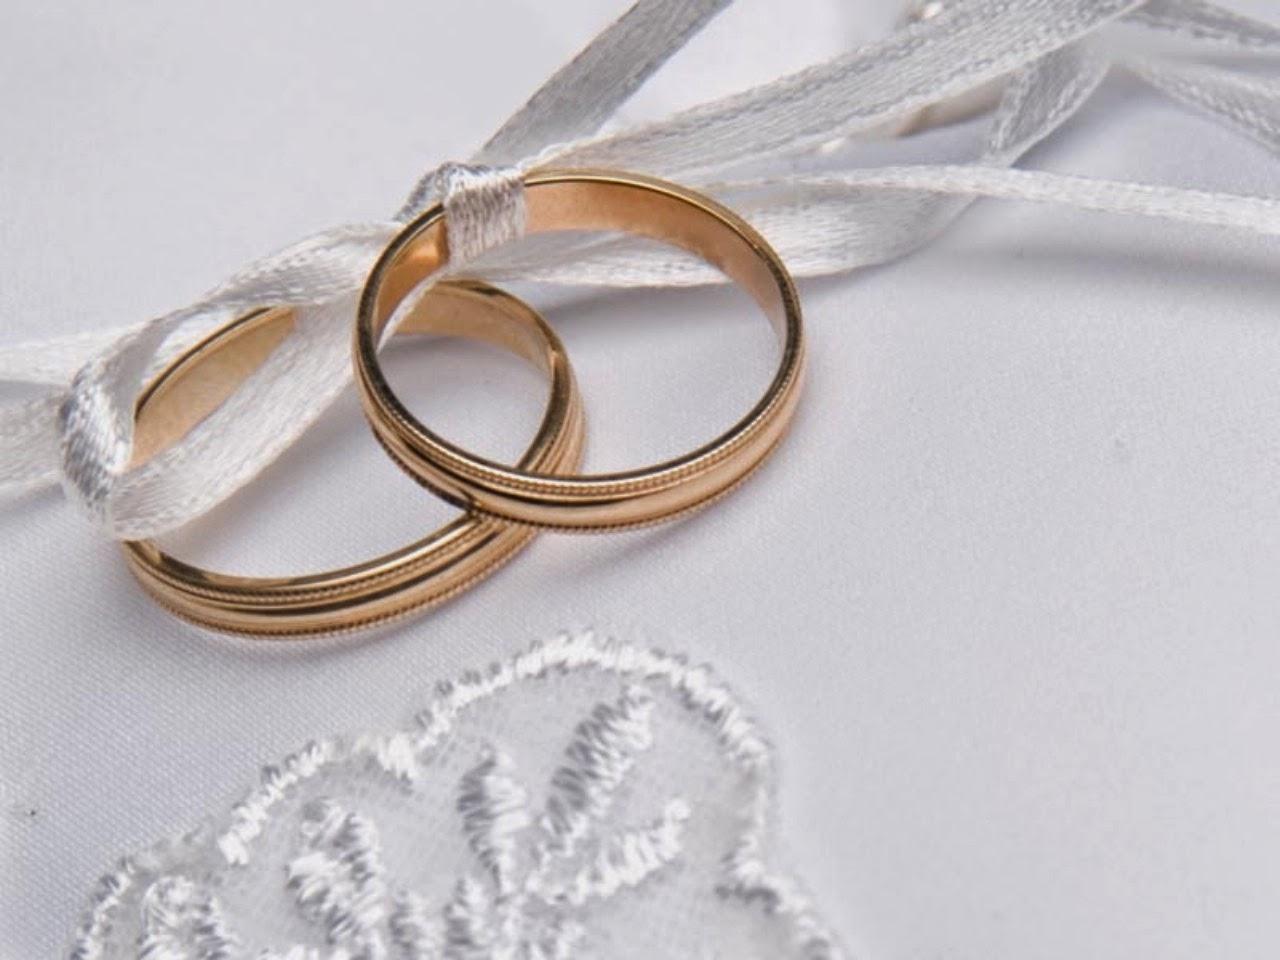 صور خواتم الزواج  (2)